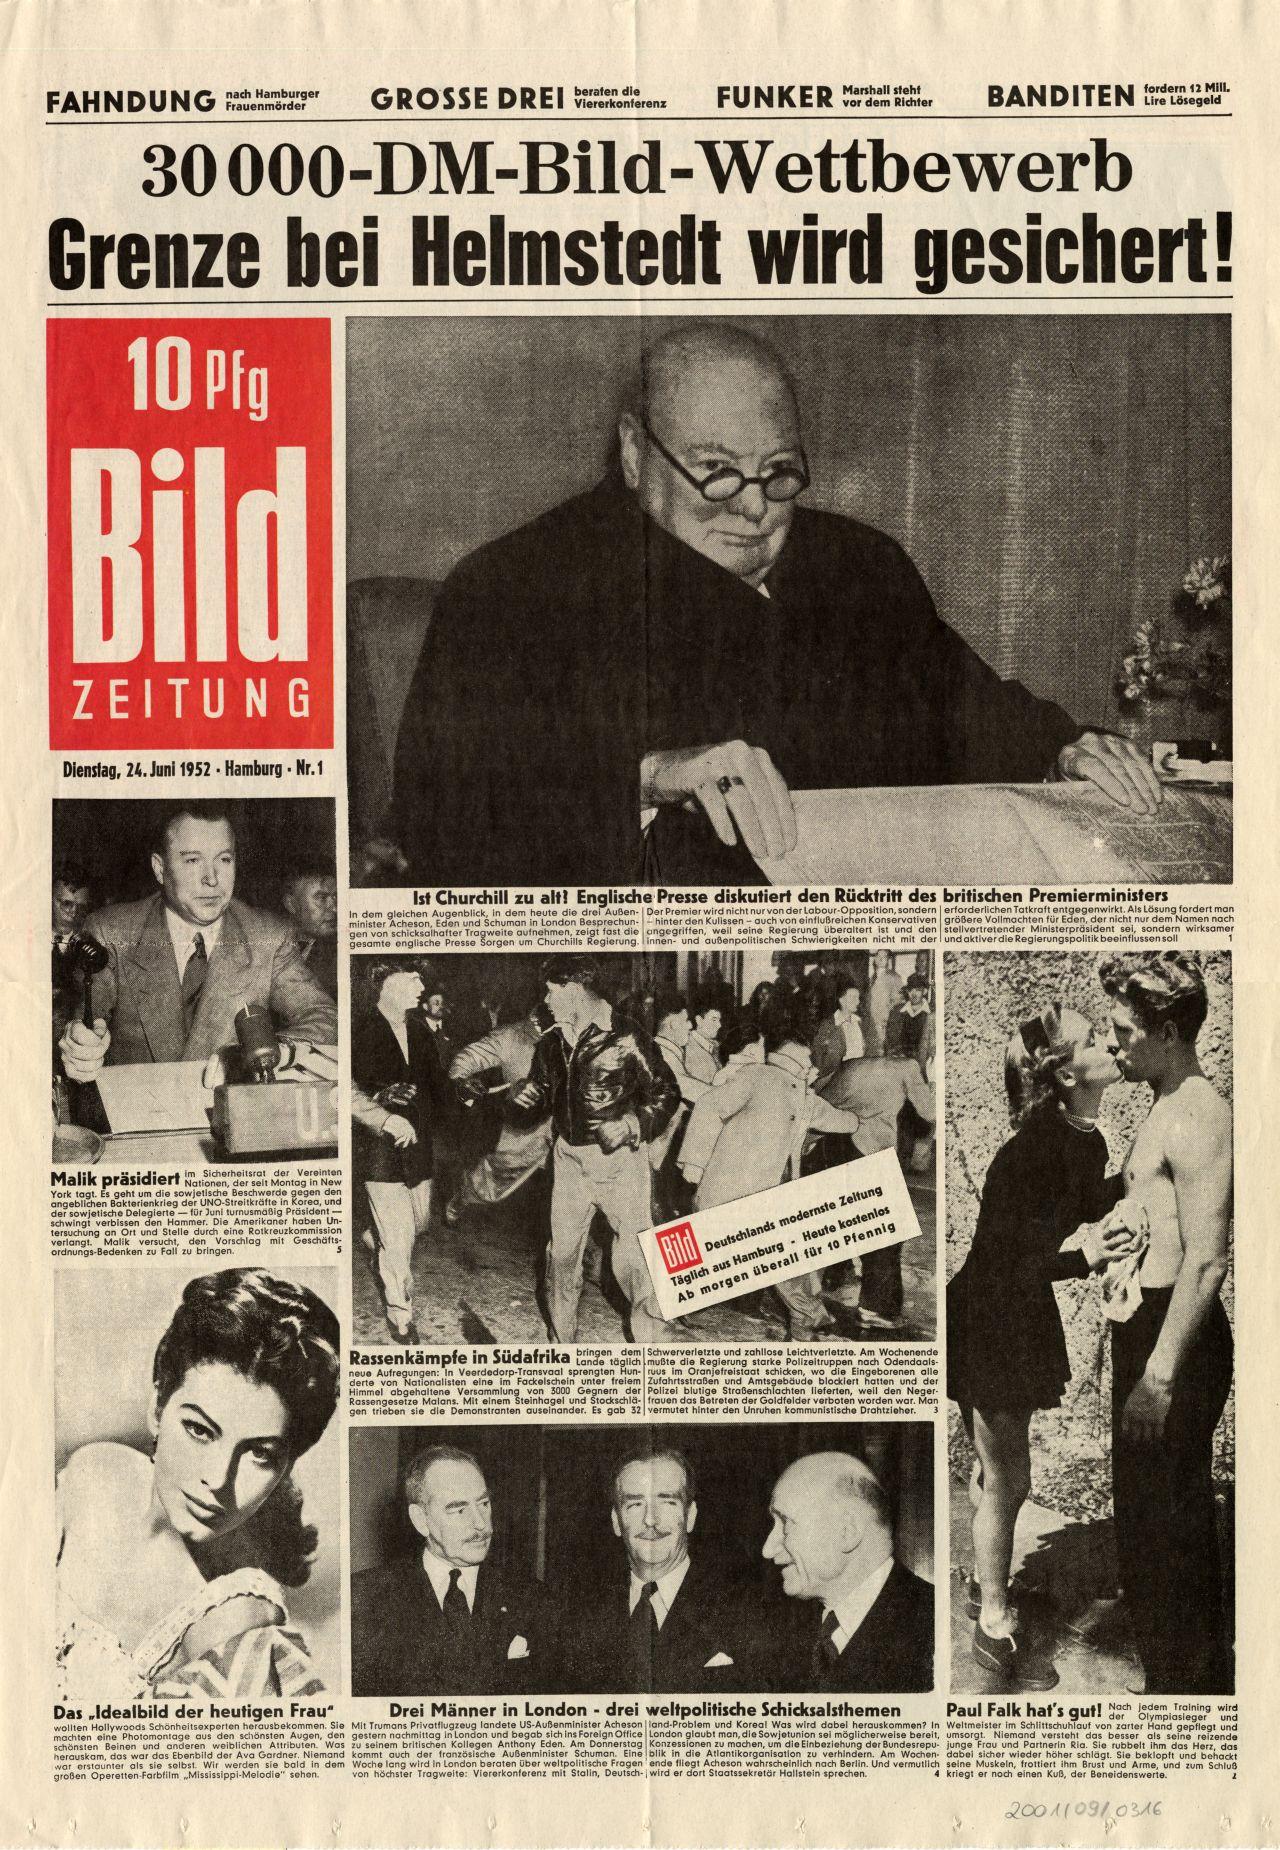 Bild Zeitung Gründung